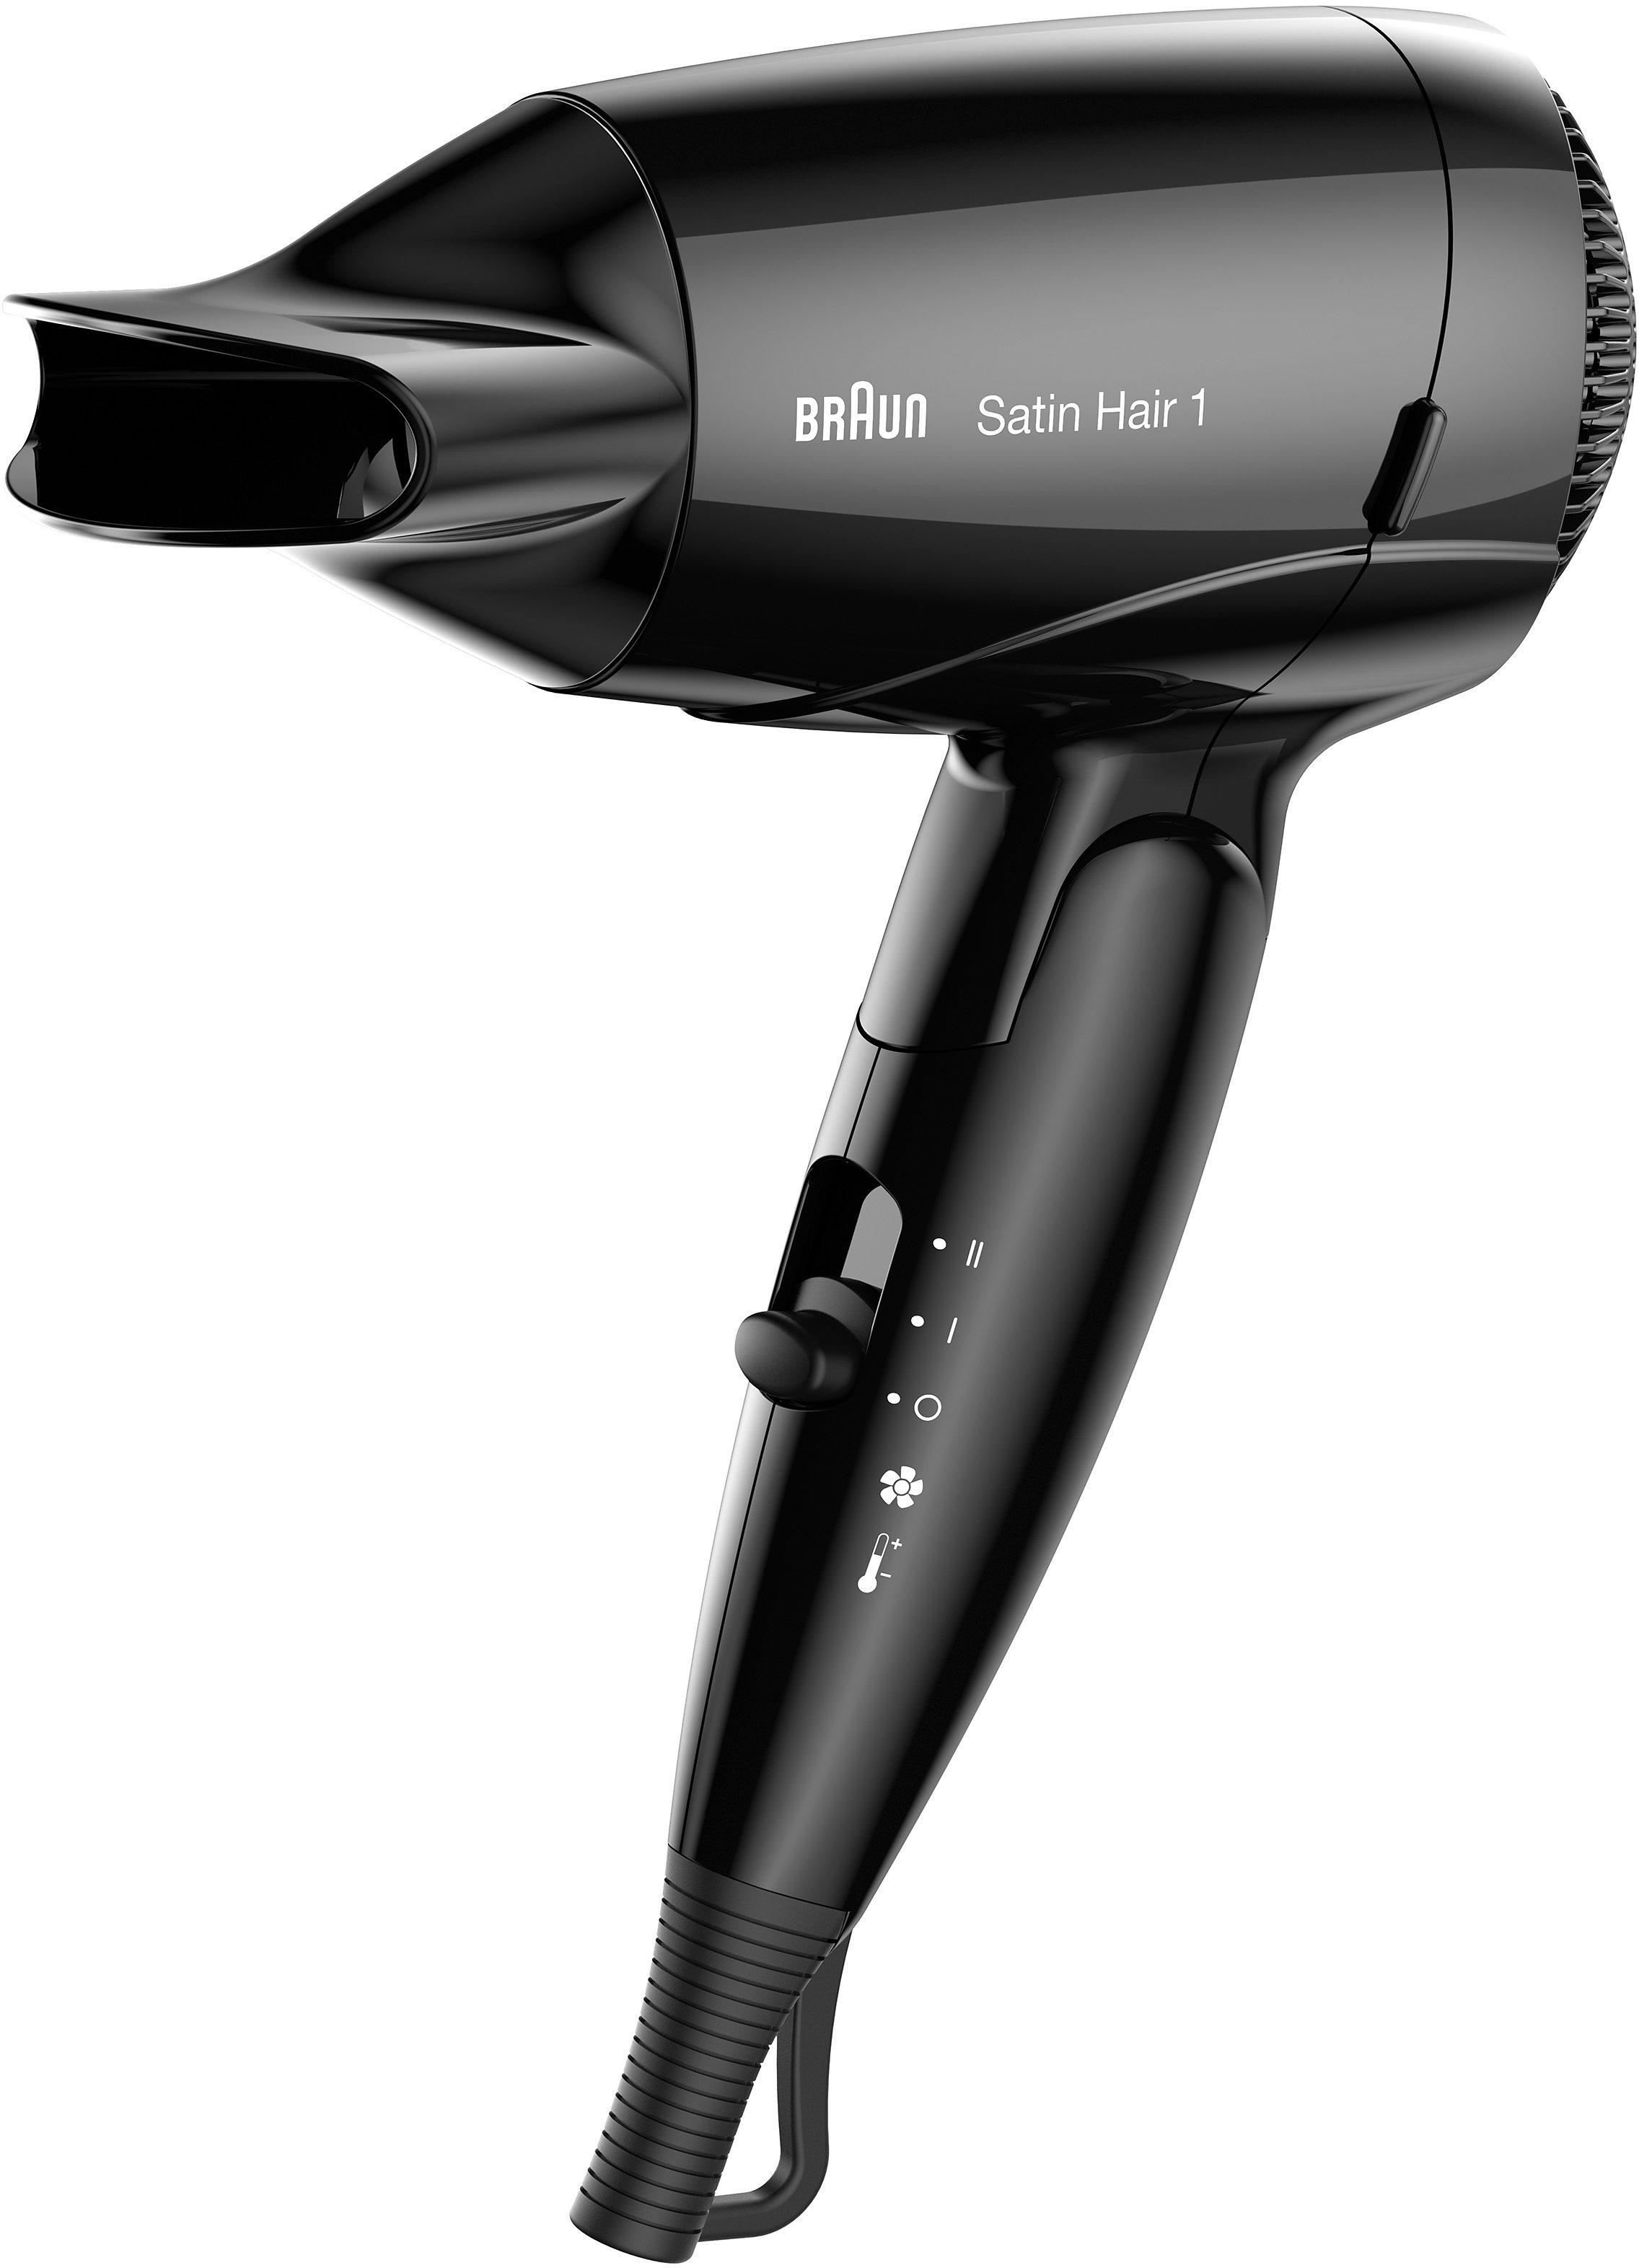 Braun Haartrockner Satin Hair 1 HD 130, Style&Go, Klappbarer Reisefön